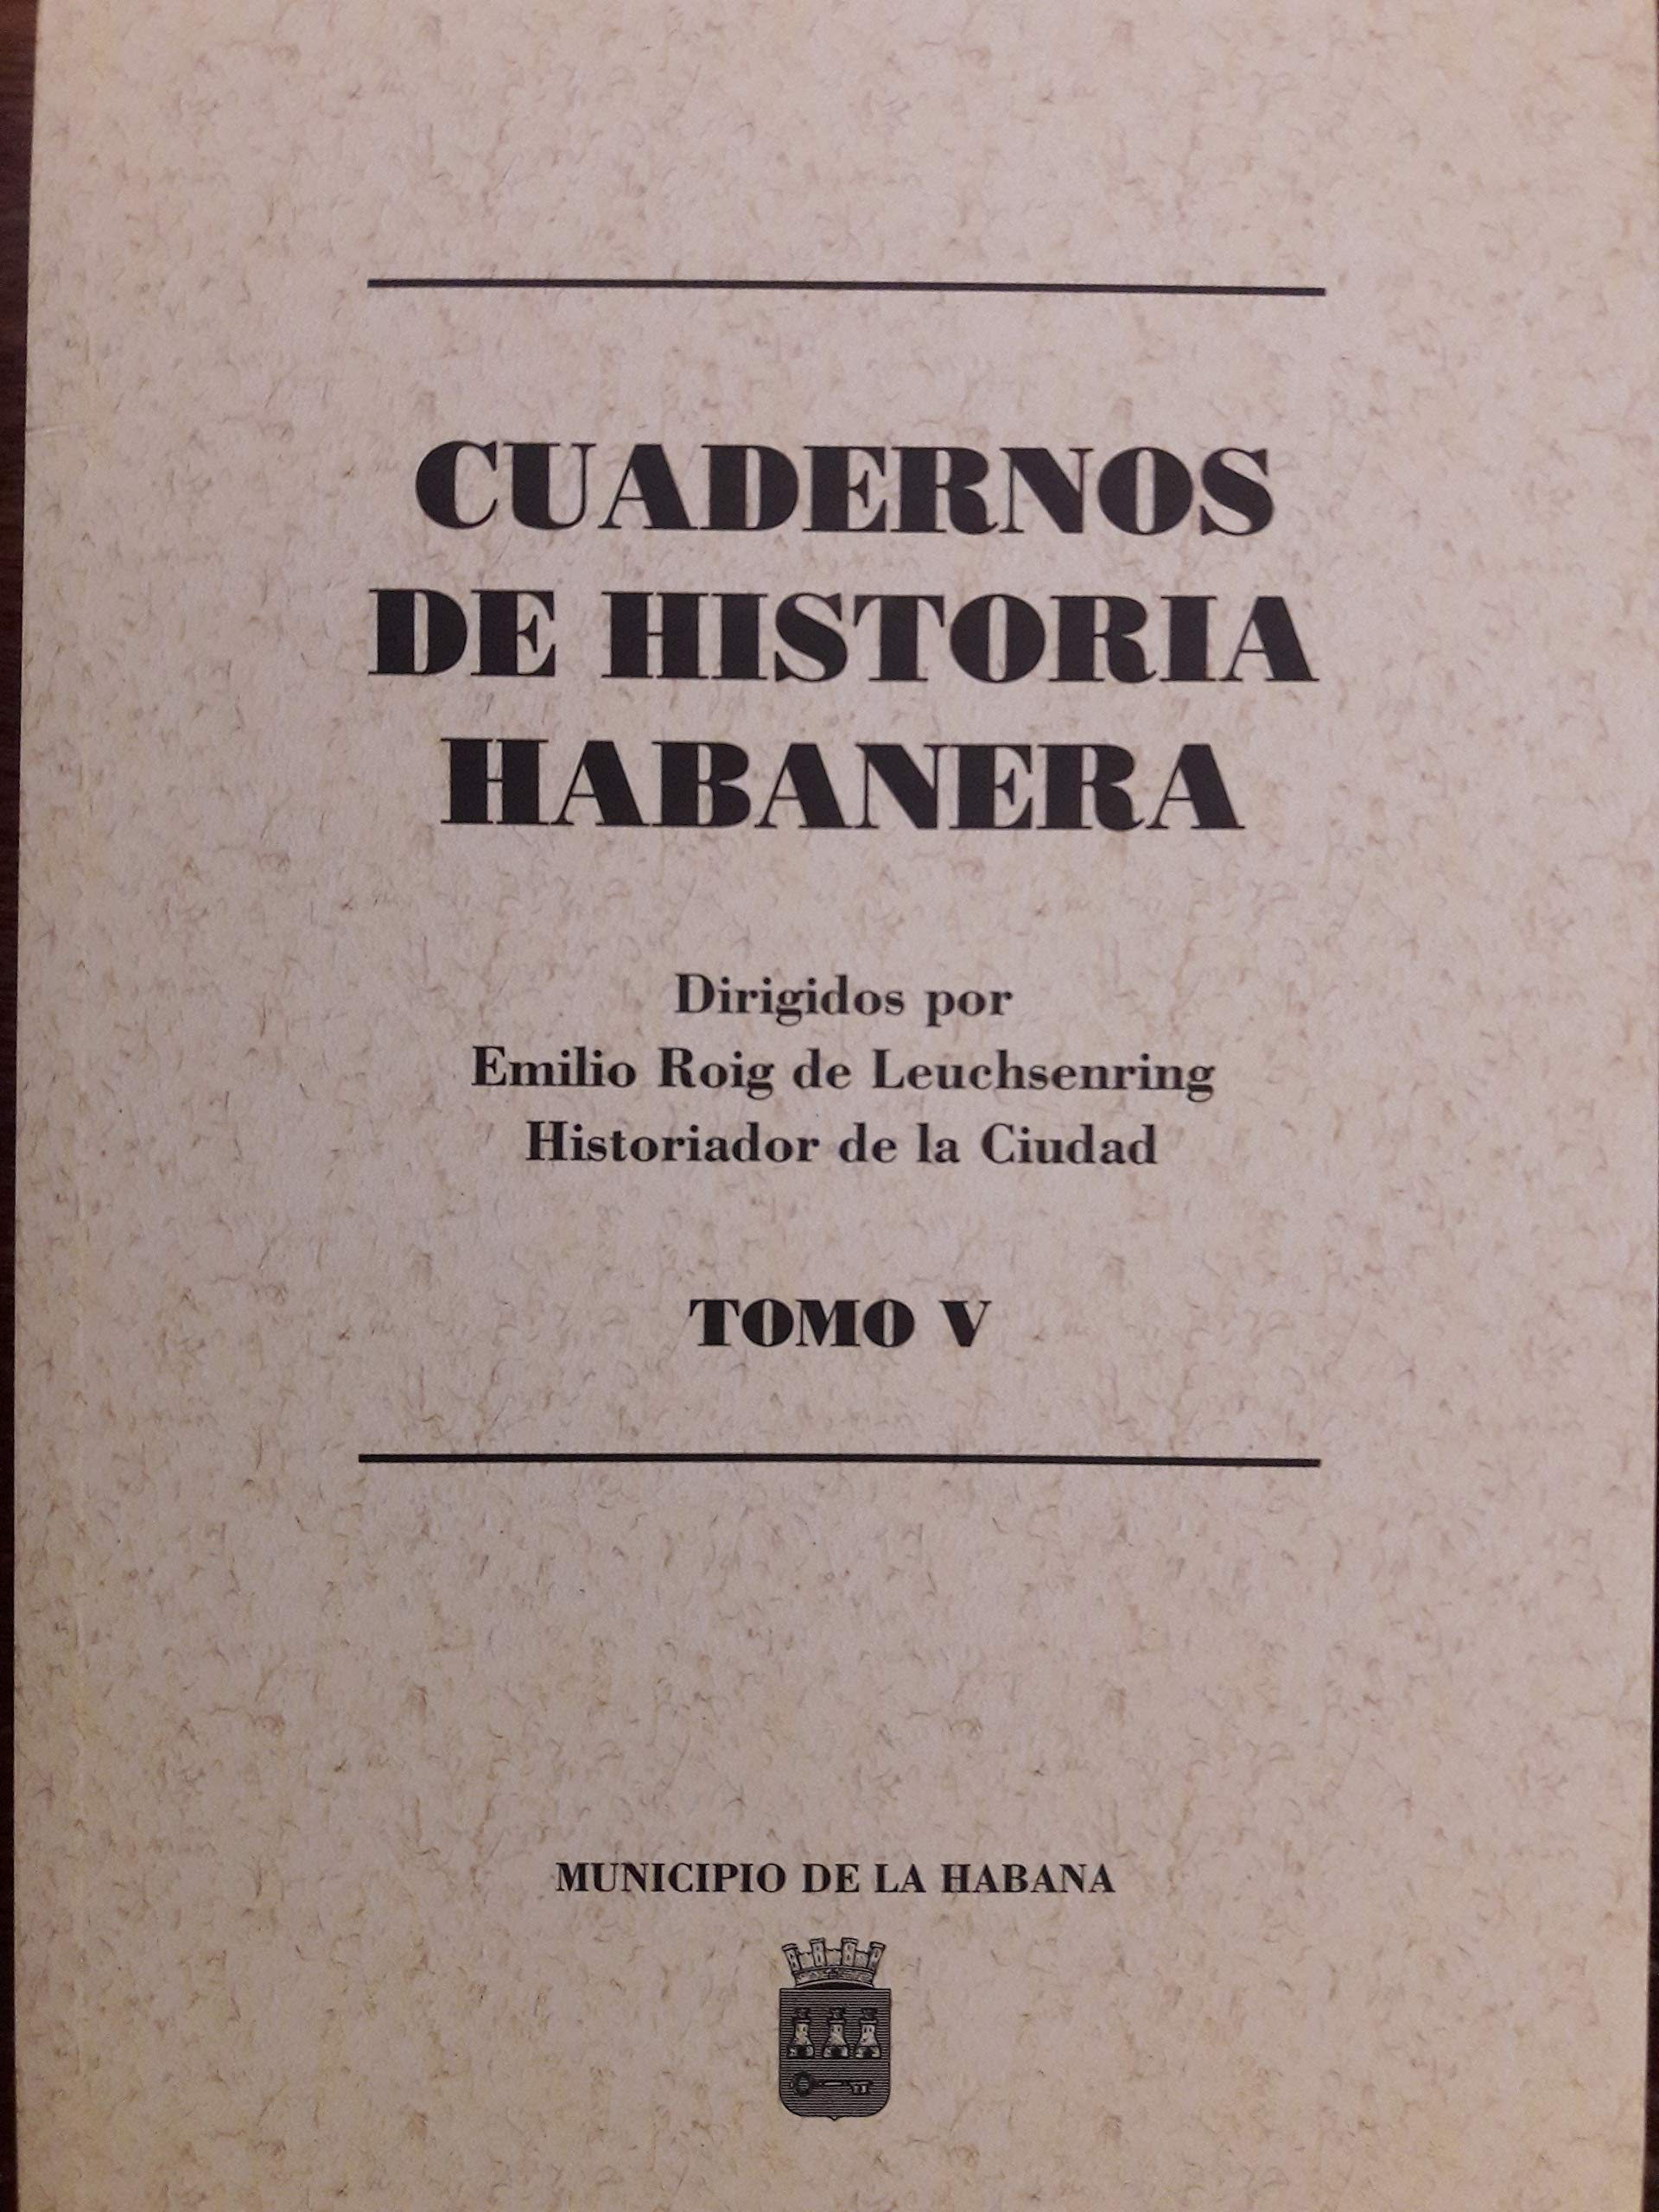 Amazon.com: Cuadernos de historia habanera.vol V numeros 14 ...